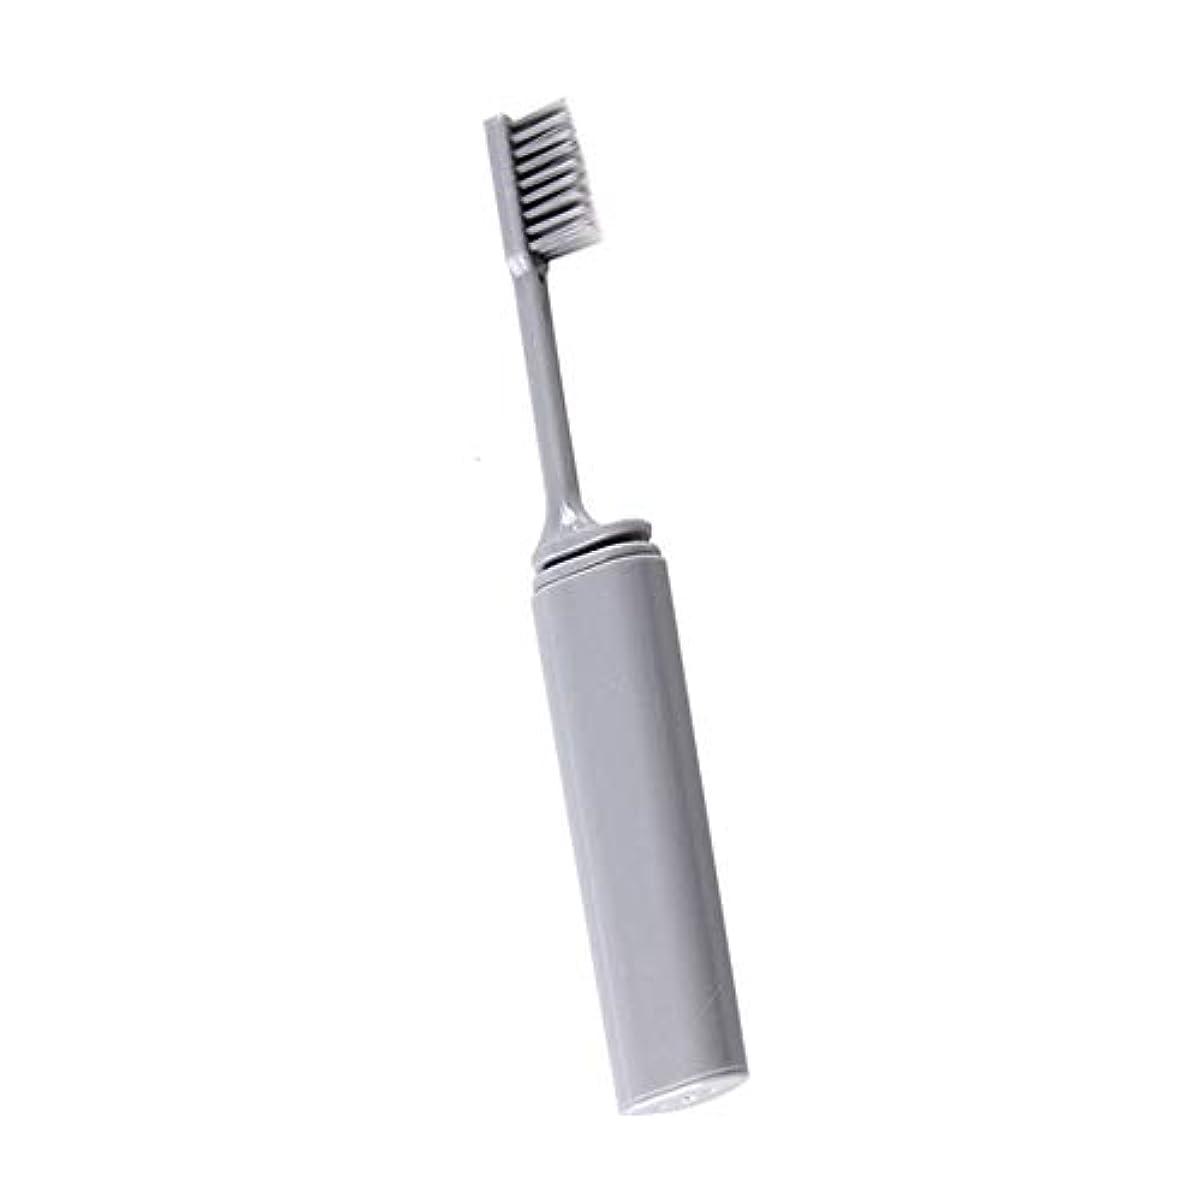 限り一緒にメロンOnior 旅行歯ブラシ 折りたたみ歯ブラシ 携帯歯ブラシ 外出 旅行用品, ソフト コンパクト歯ブラシ 便利 折りたたみ 耐久性 携帯用 灰色